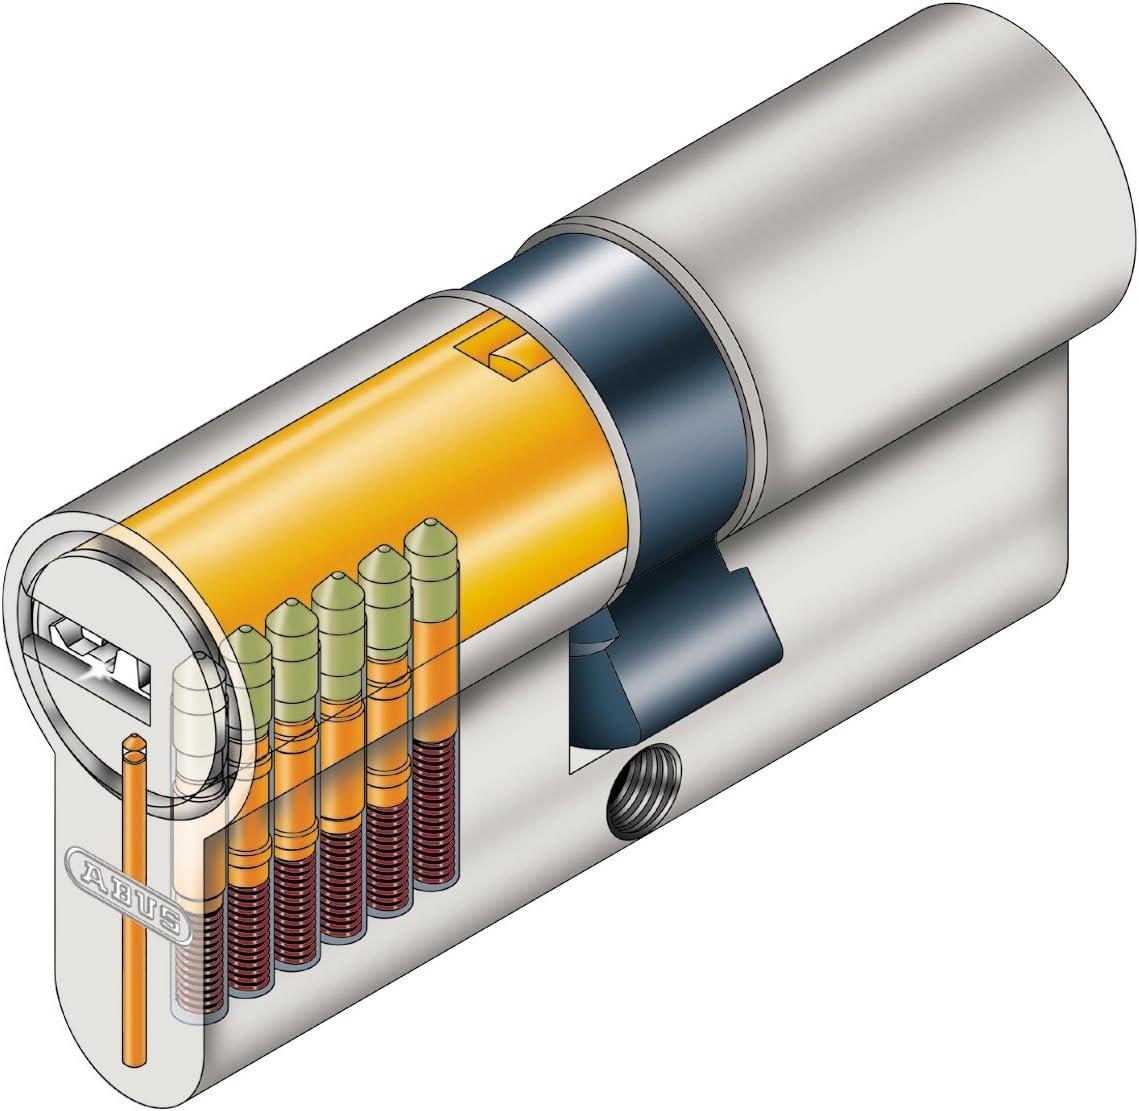 G n/&g Sécurité Serrure Cylindre De Verrouillage Profil Cylindre ABUS 55//60 55x60 115 mm N